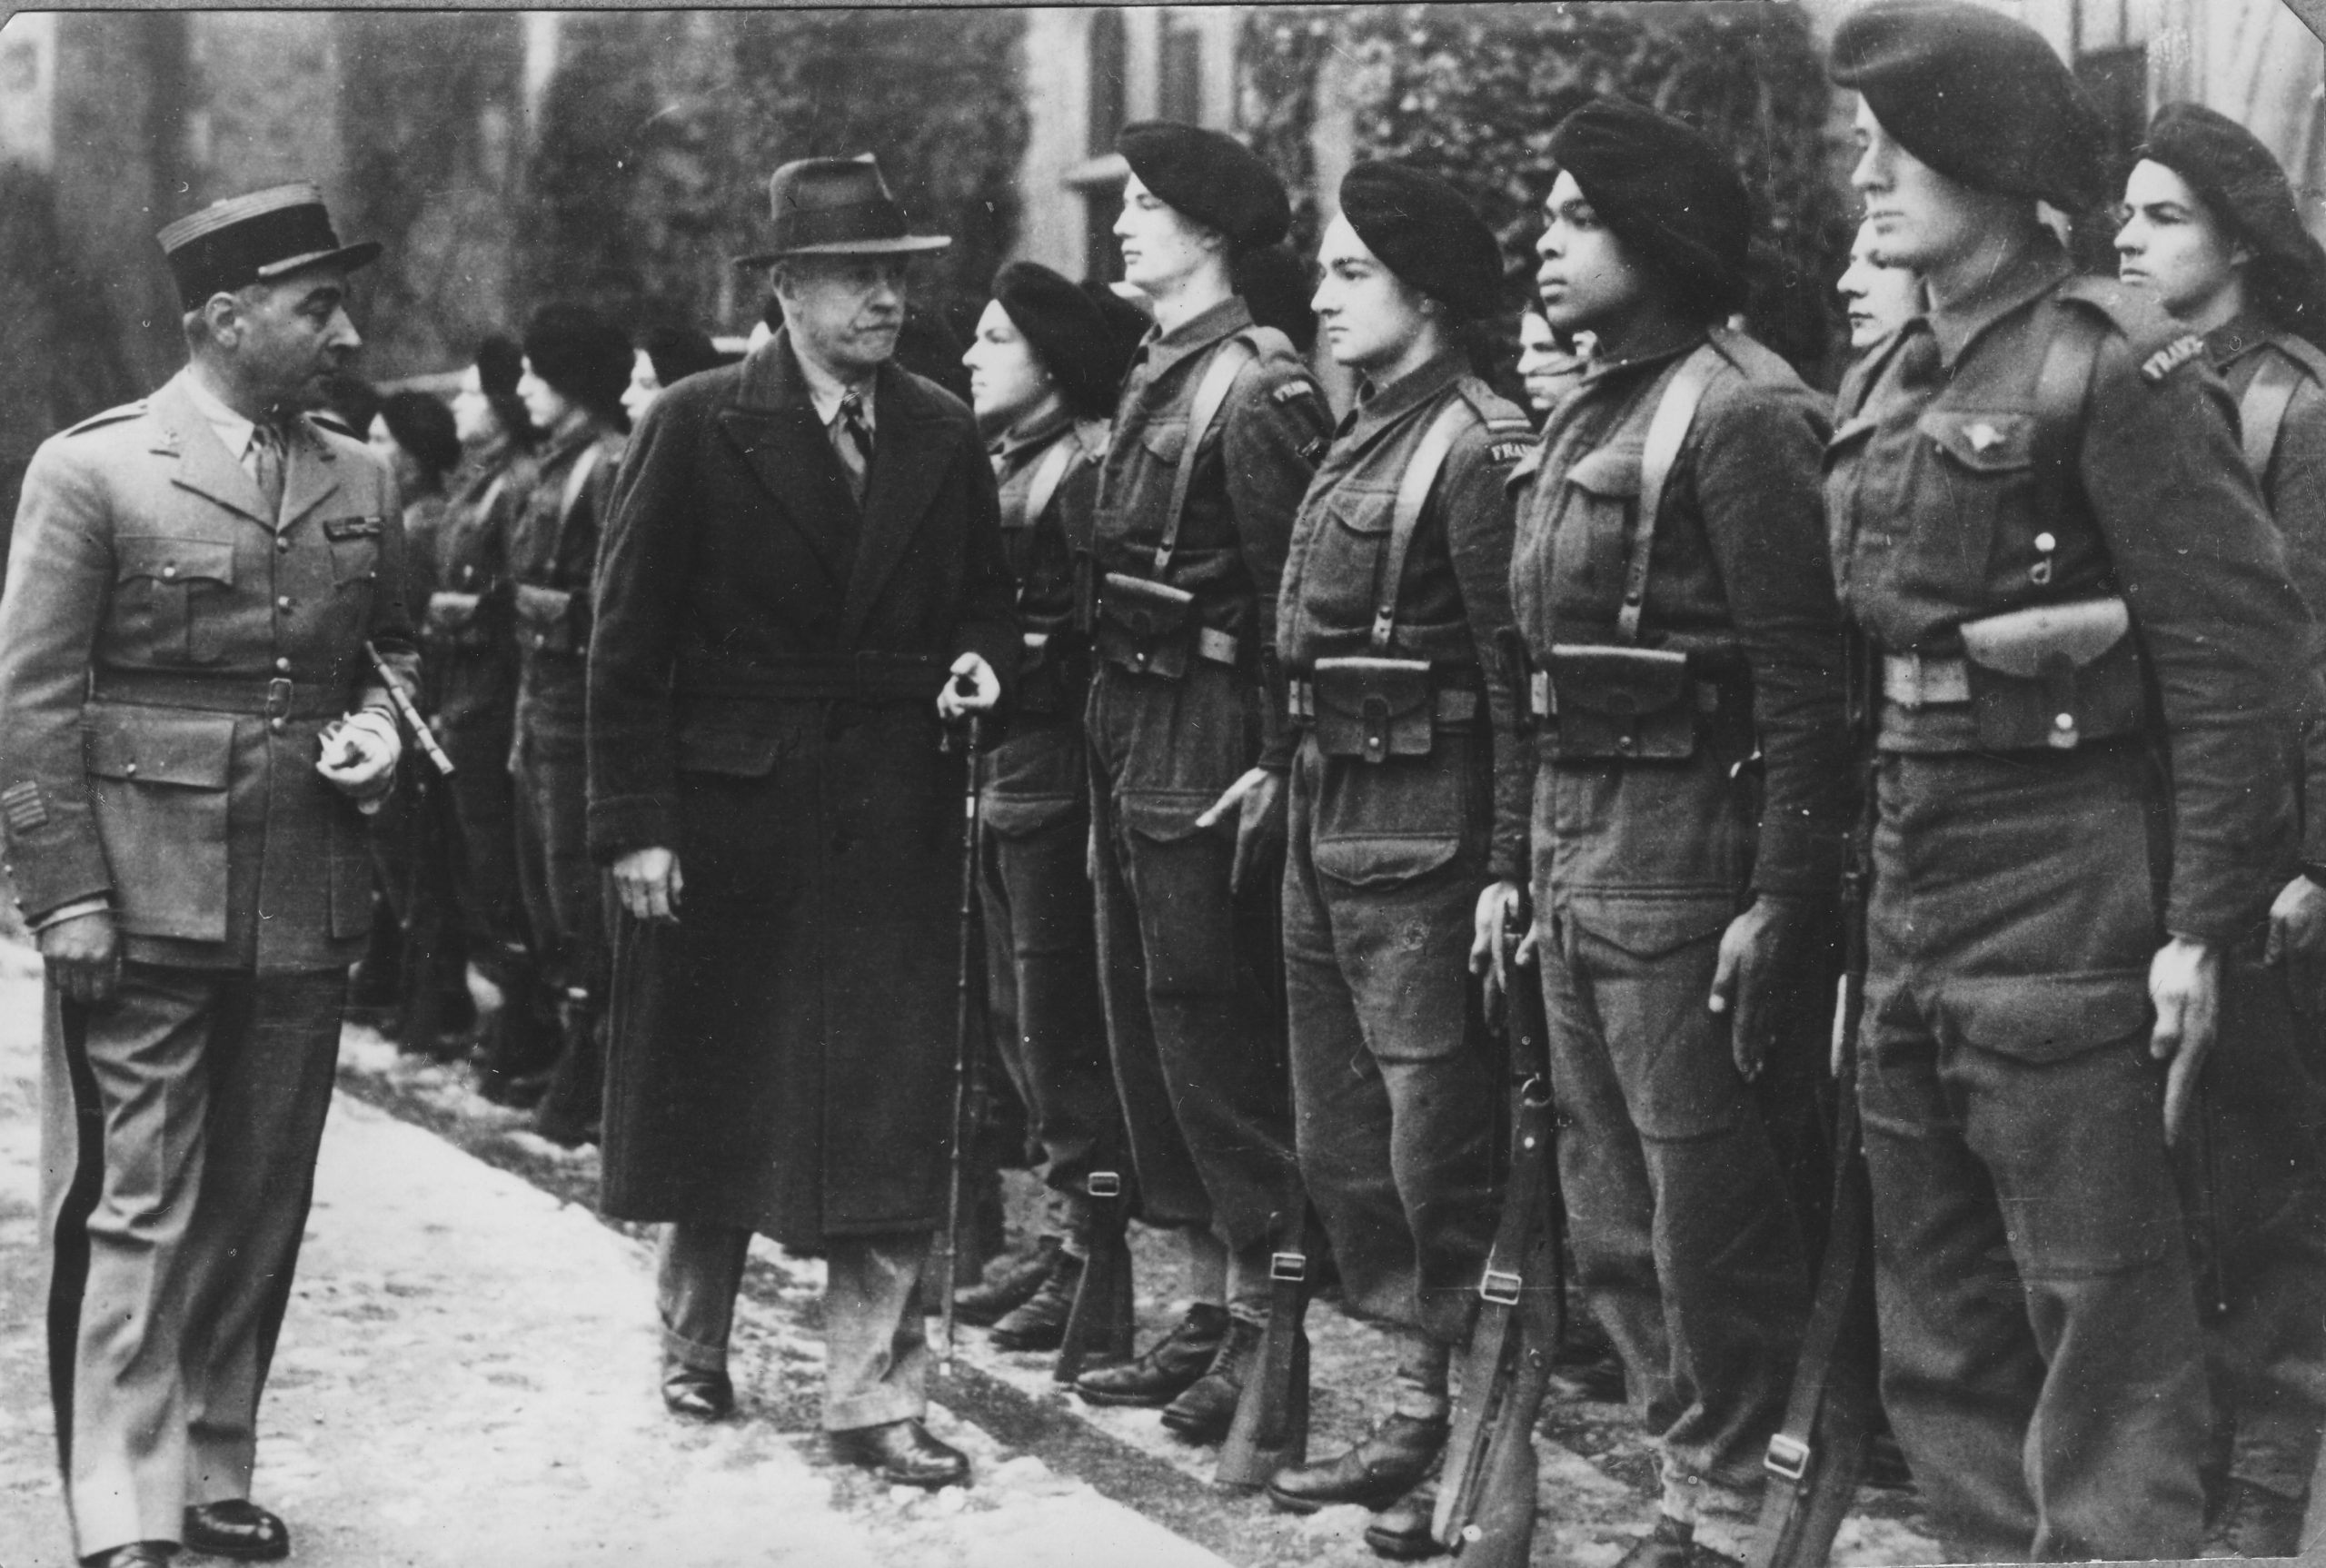 Février 1941 Les Cadets sont inspectés par le colonel Bureau et Lord Bessborough responsable de l'accueil des Français au Royaume-Uni